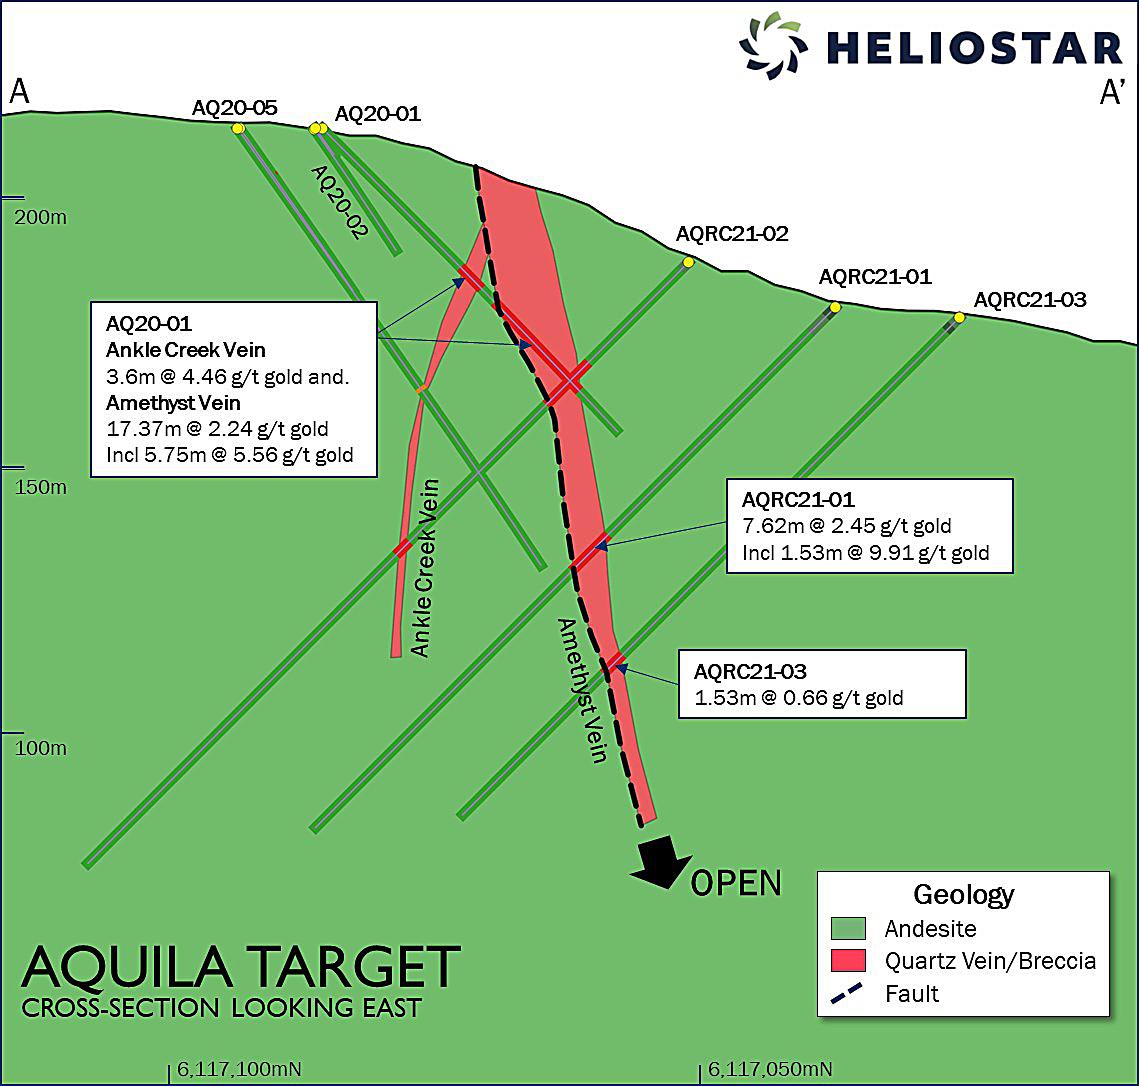 Aquilla target